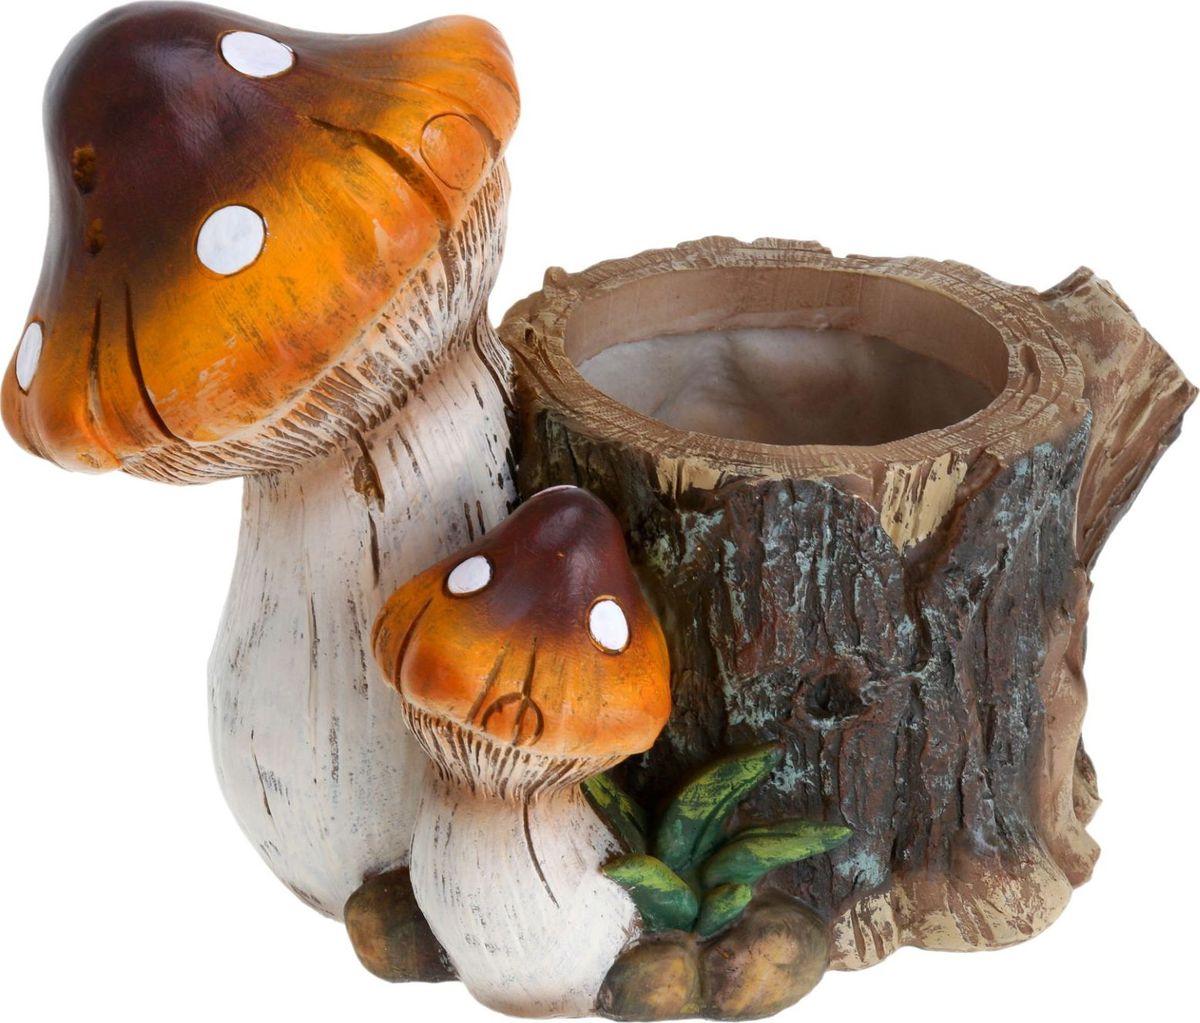 Фигура садовая Пень с грибами, с подставкой для кашпо, 28 х 15 х 22 см531-402 Летом практически каждая семья стремится проводить больше времени за городом. #name# — прекрасный выбор для комфортного отдыха и эффективного труда на даче, который будет радовать вас достойным качеством.